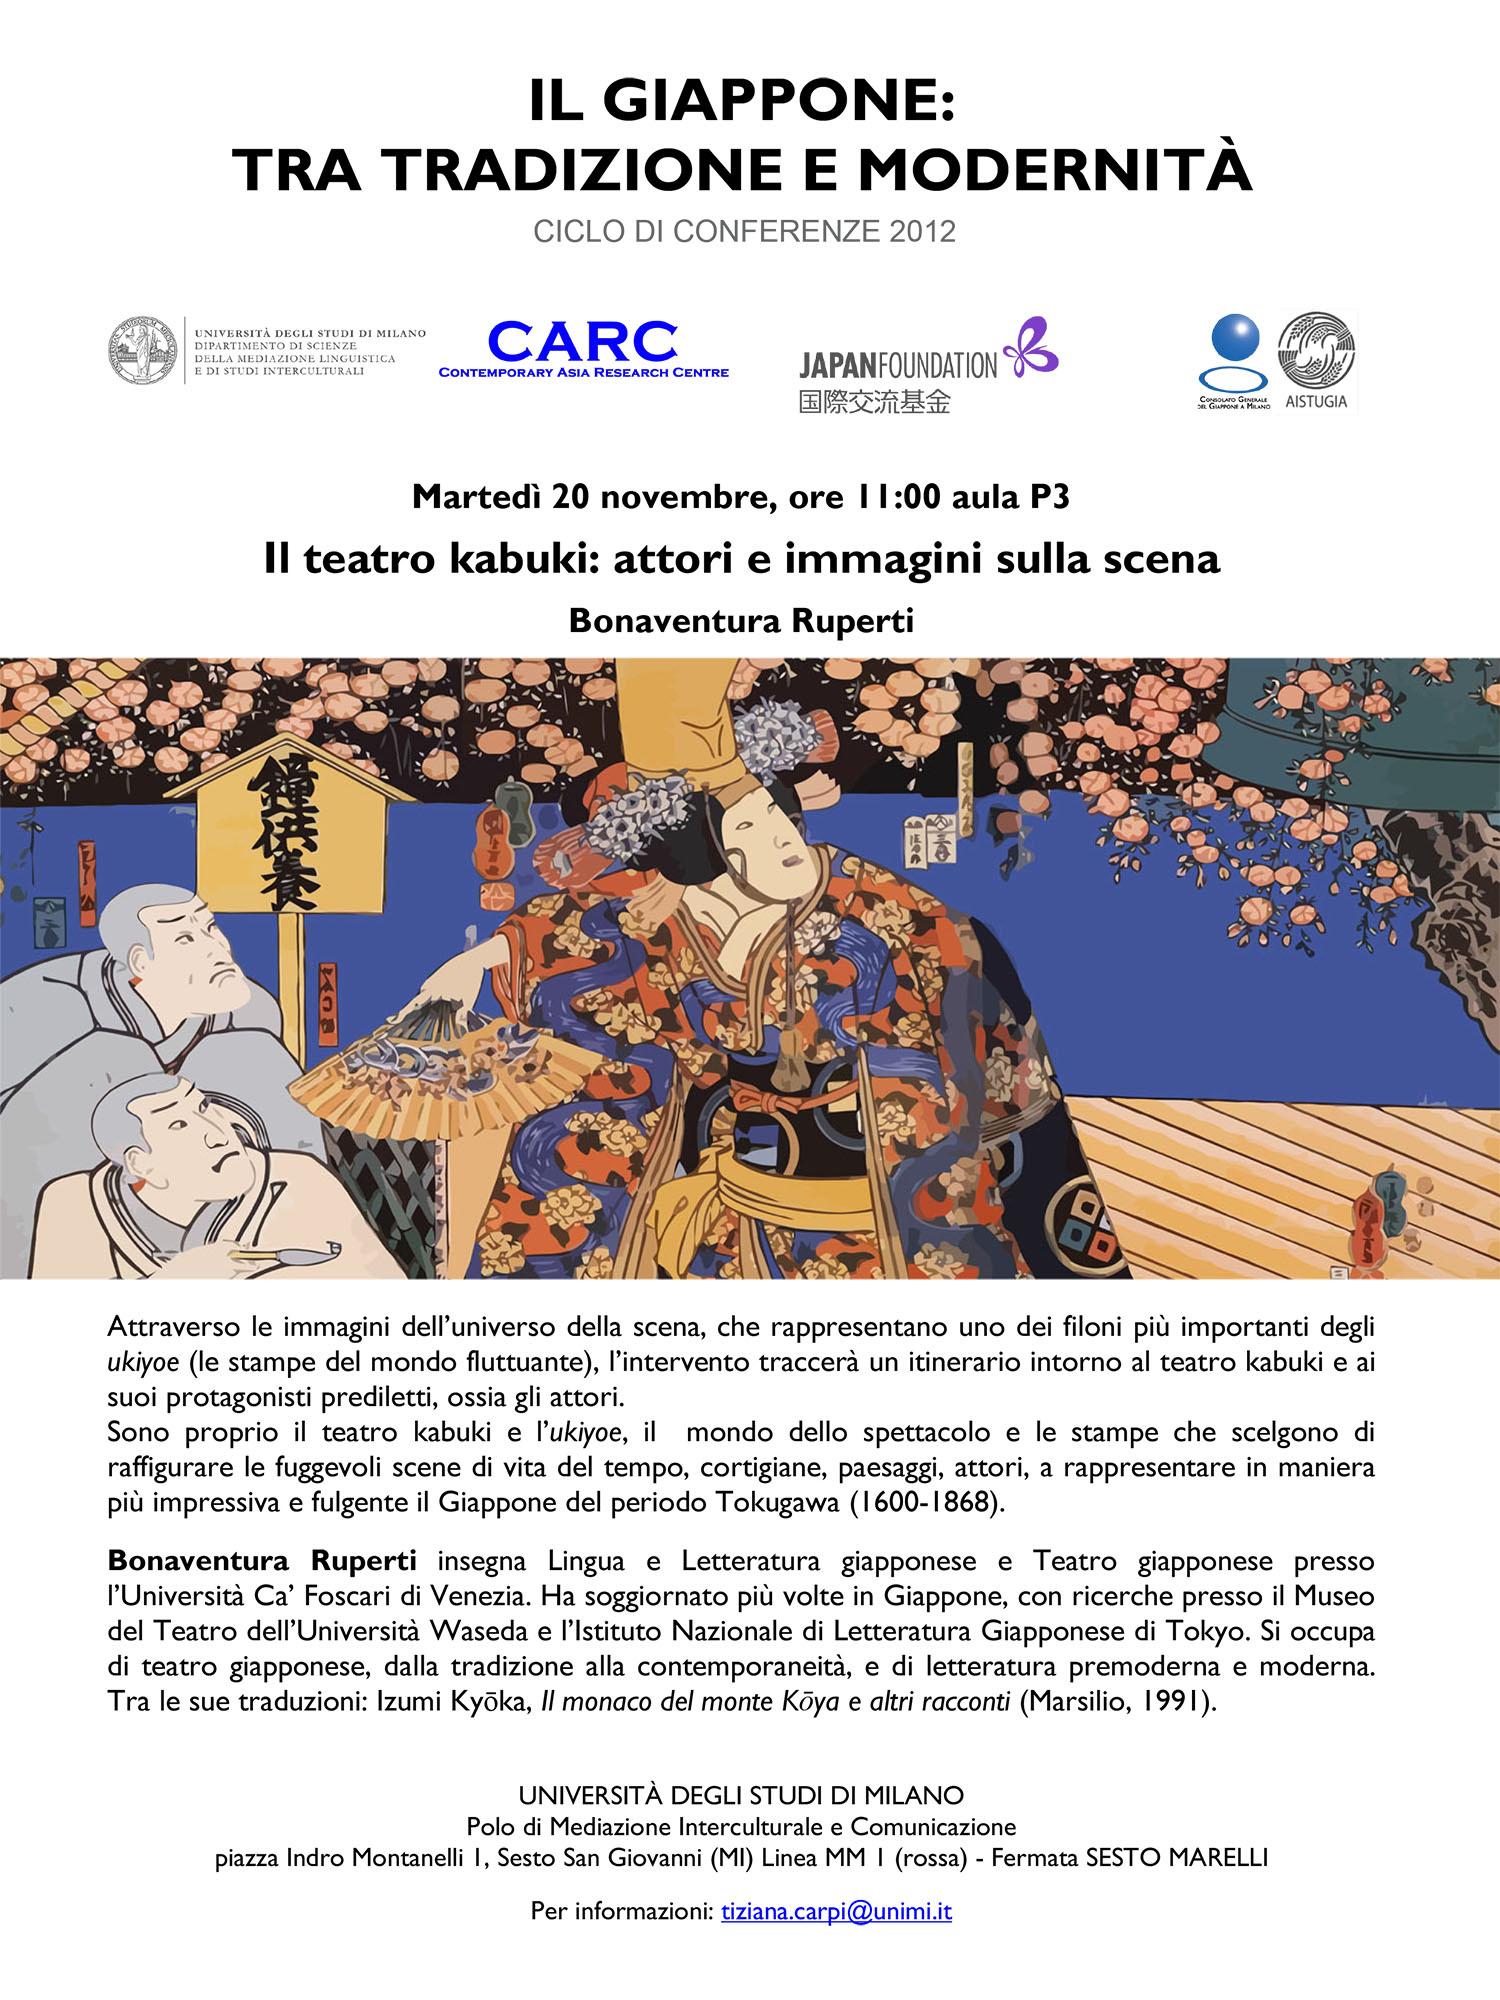 Il teatro kabuki: attori e immagini sulla scena - Milano